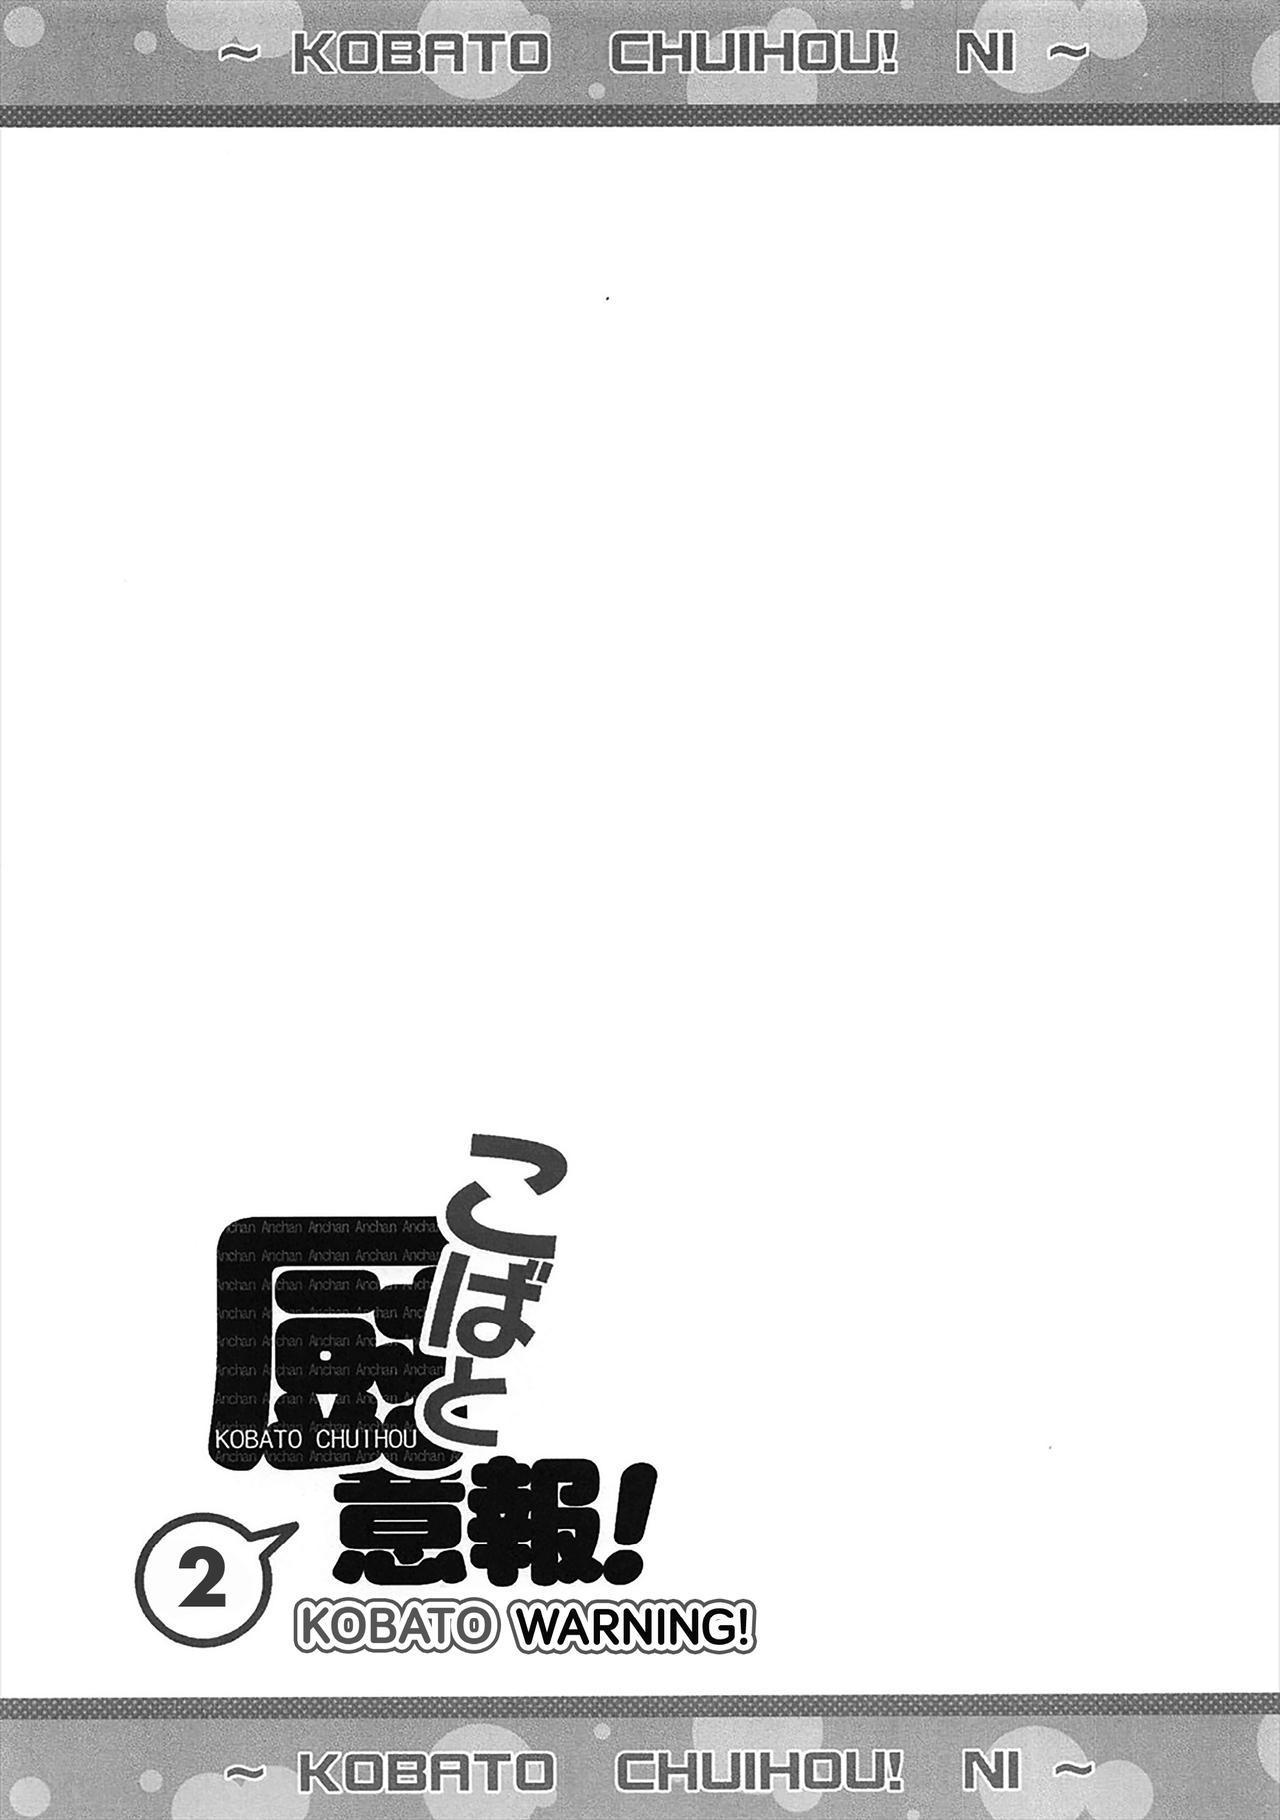 Kobato Chuihou! Ni | Kobato Warning! 2 21